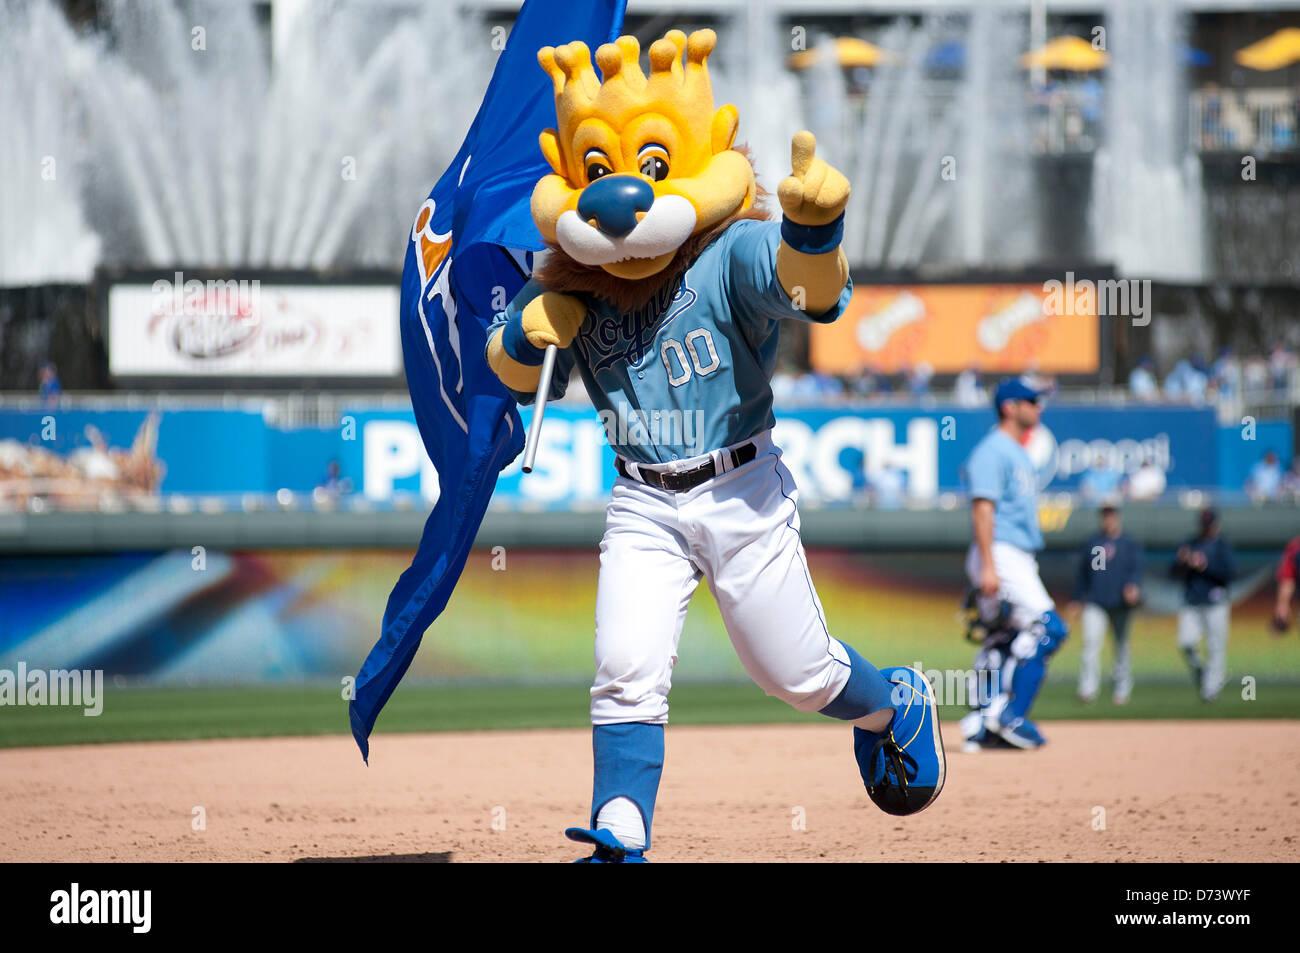 Kansas City Royals Logo   Kansas city royals logo, Royal logo ...   953x1300